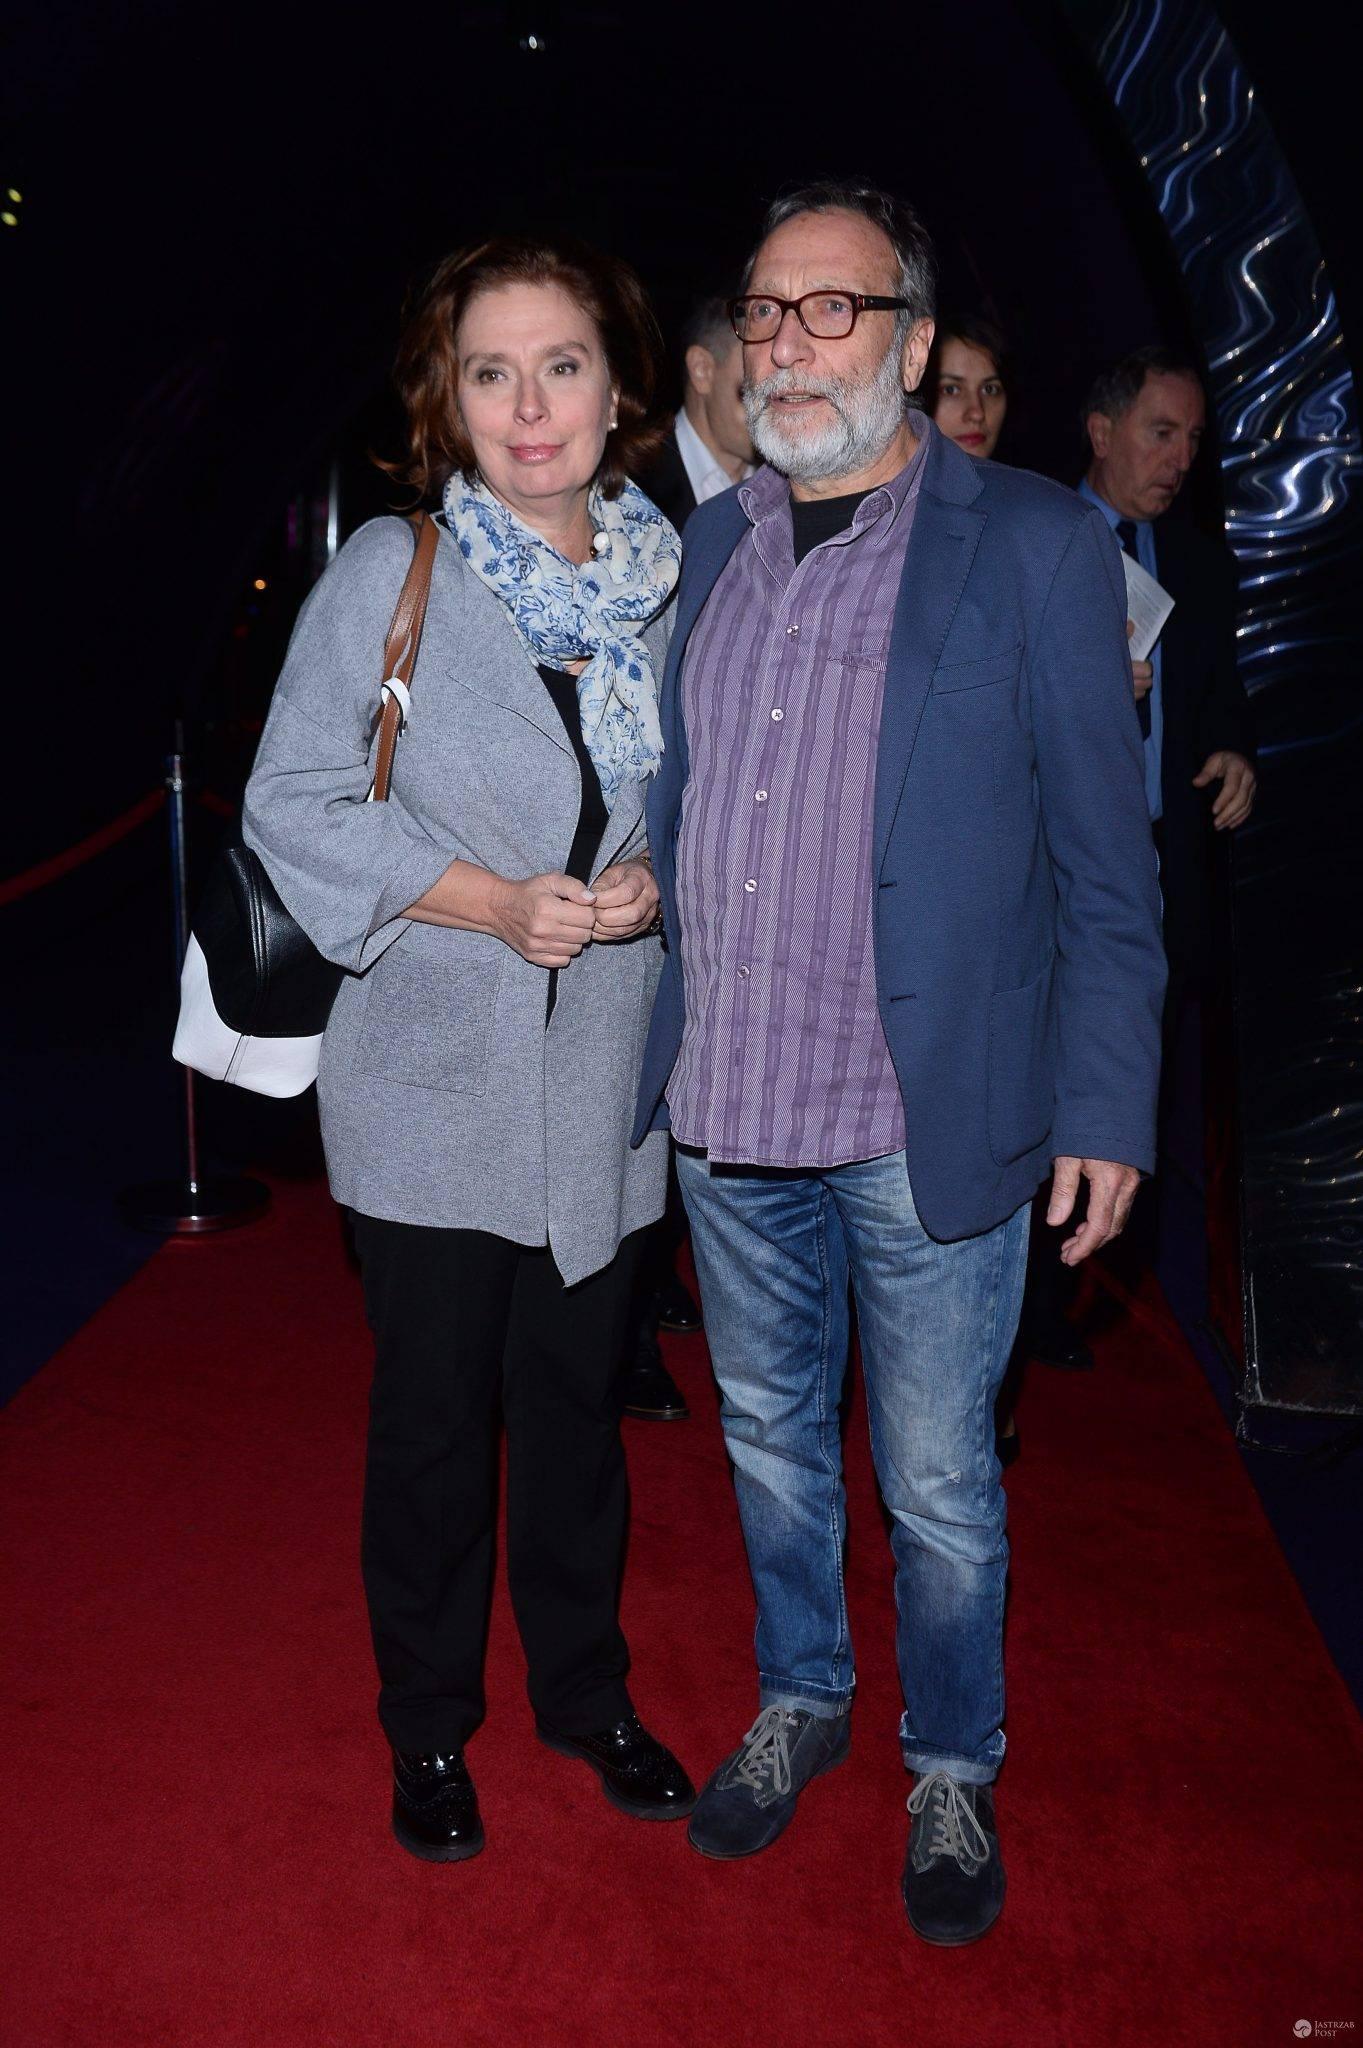 Wybory 2020: Małgorzata Kidawa-Błońska wraz z mężem Janem Kidawą-Błońskim na 32. Warszawskim Festiwalu Filmowym